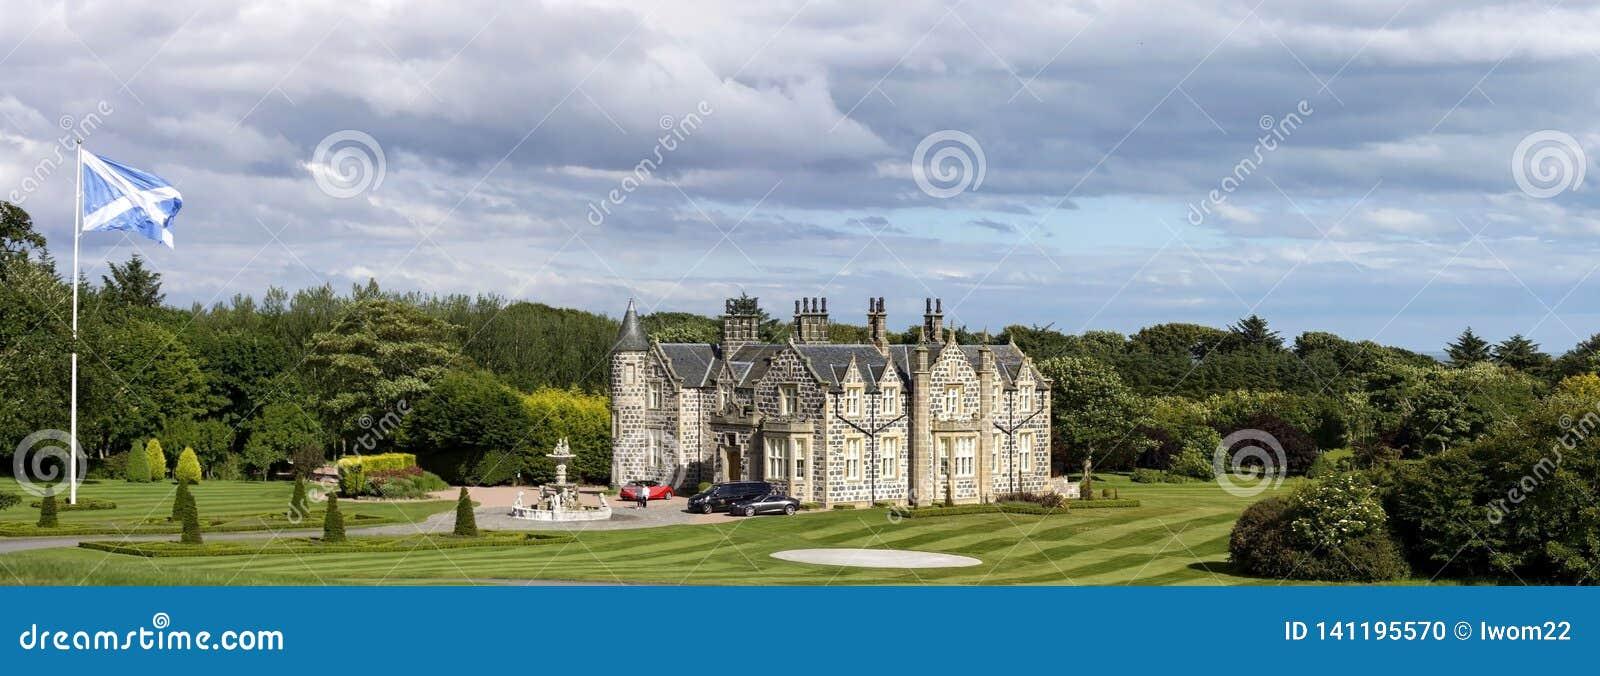 Internationale het Golfverbindingen van Donald Trump Balmedie, Aberdeenshire, Schotland